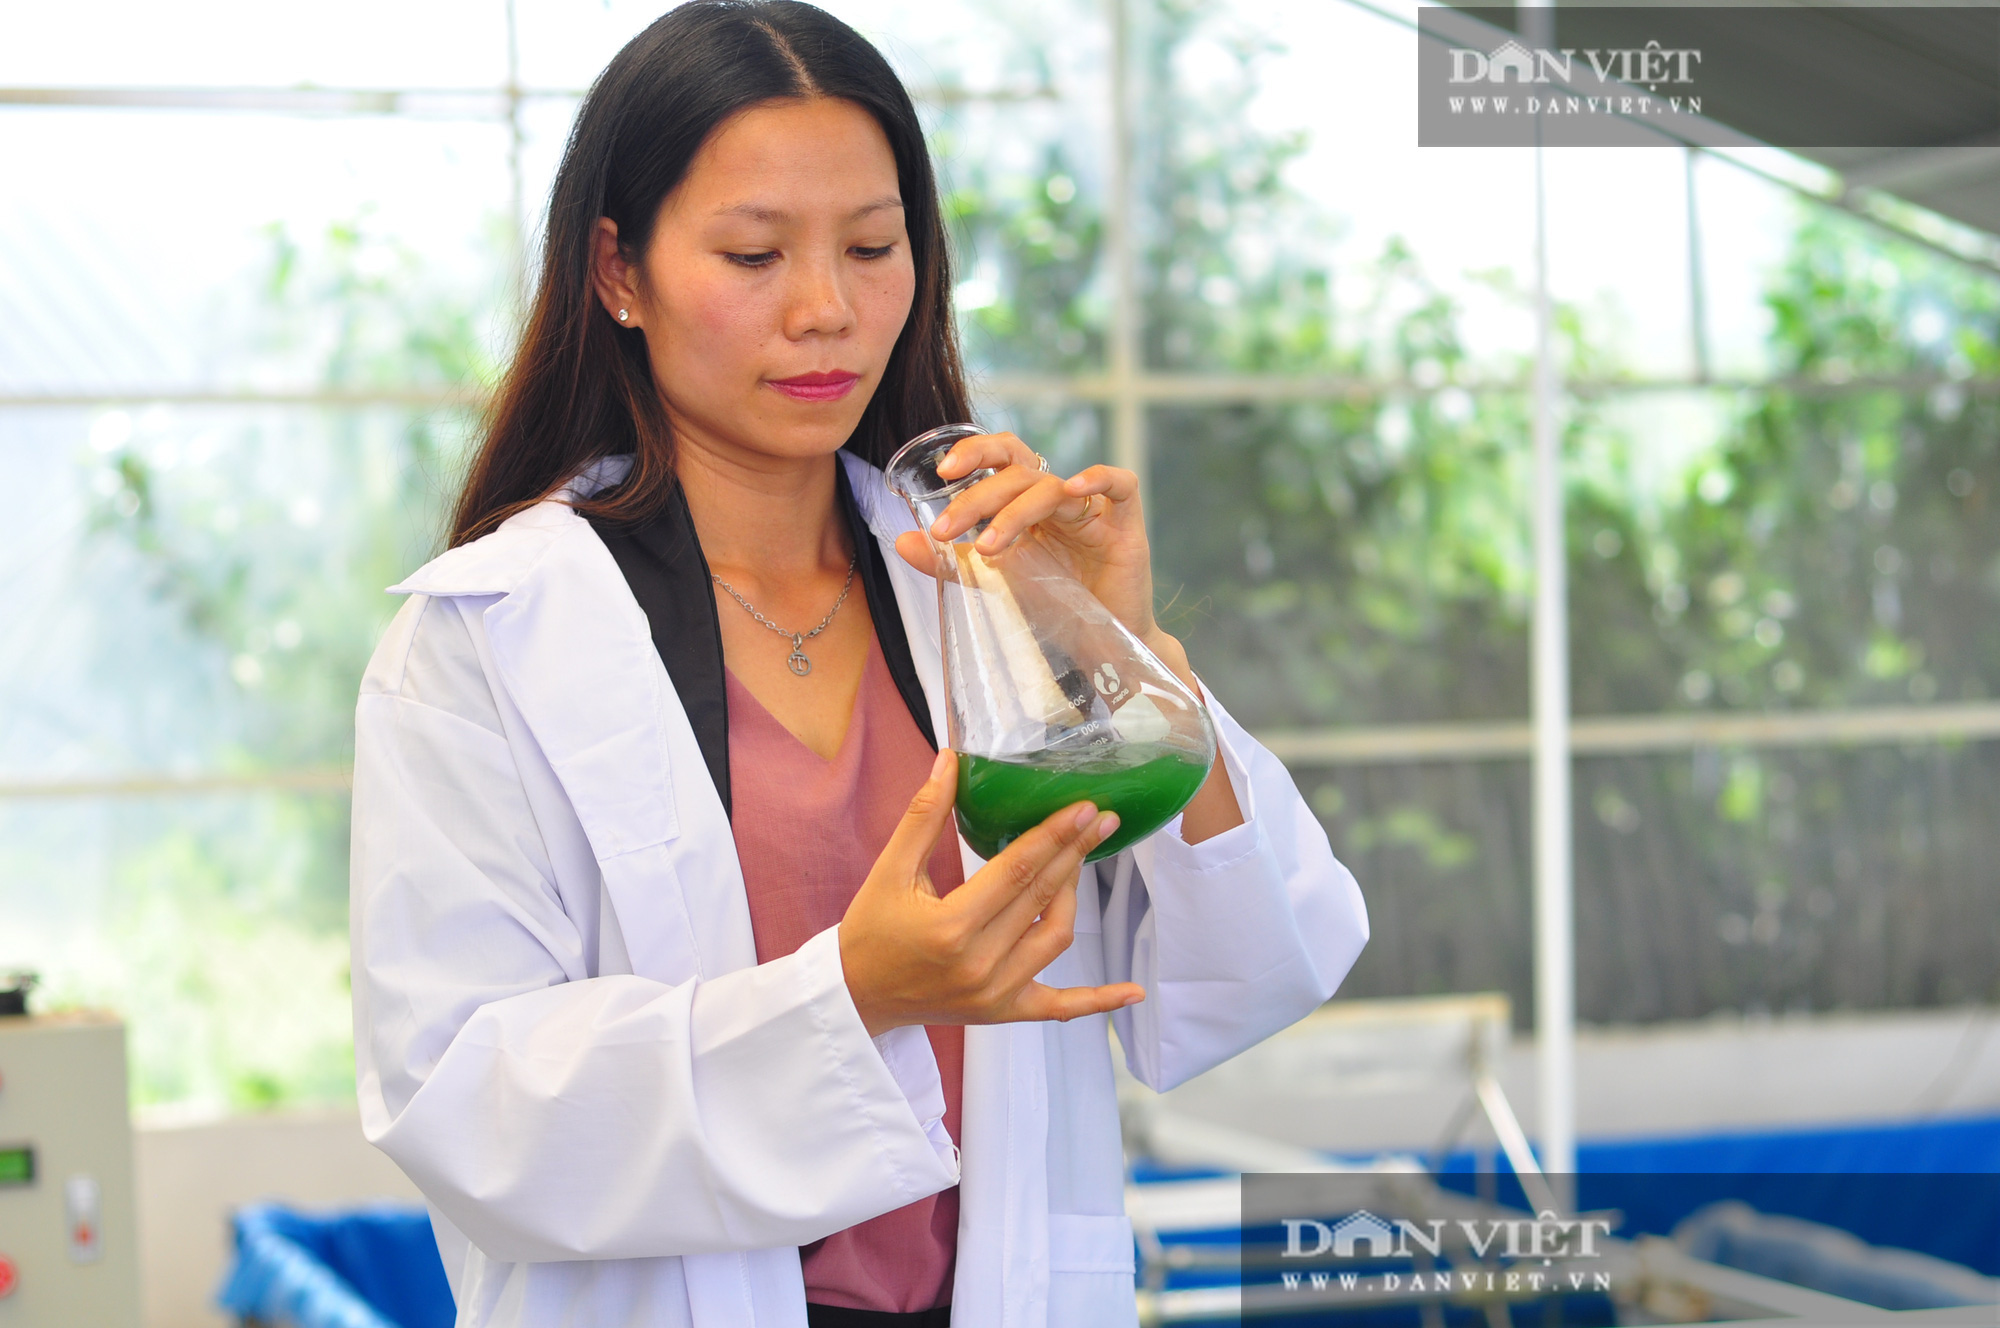 Nữ thạc sĩ đưa tảo xoắn ngoại về Tây Nguyên nuôi trồng - Ảnh 3.